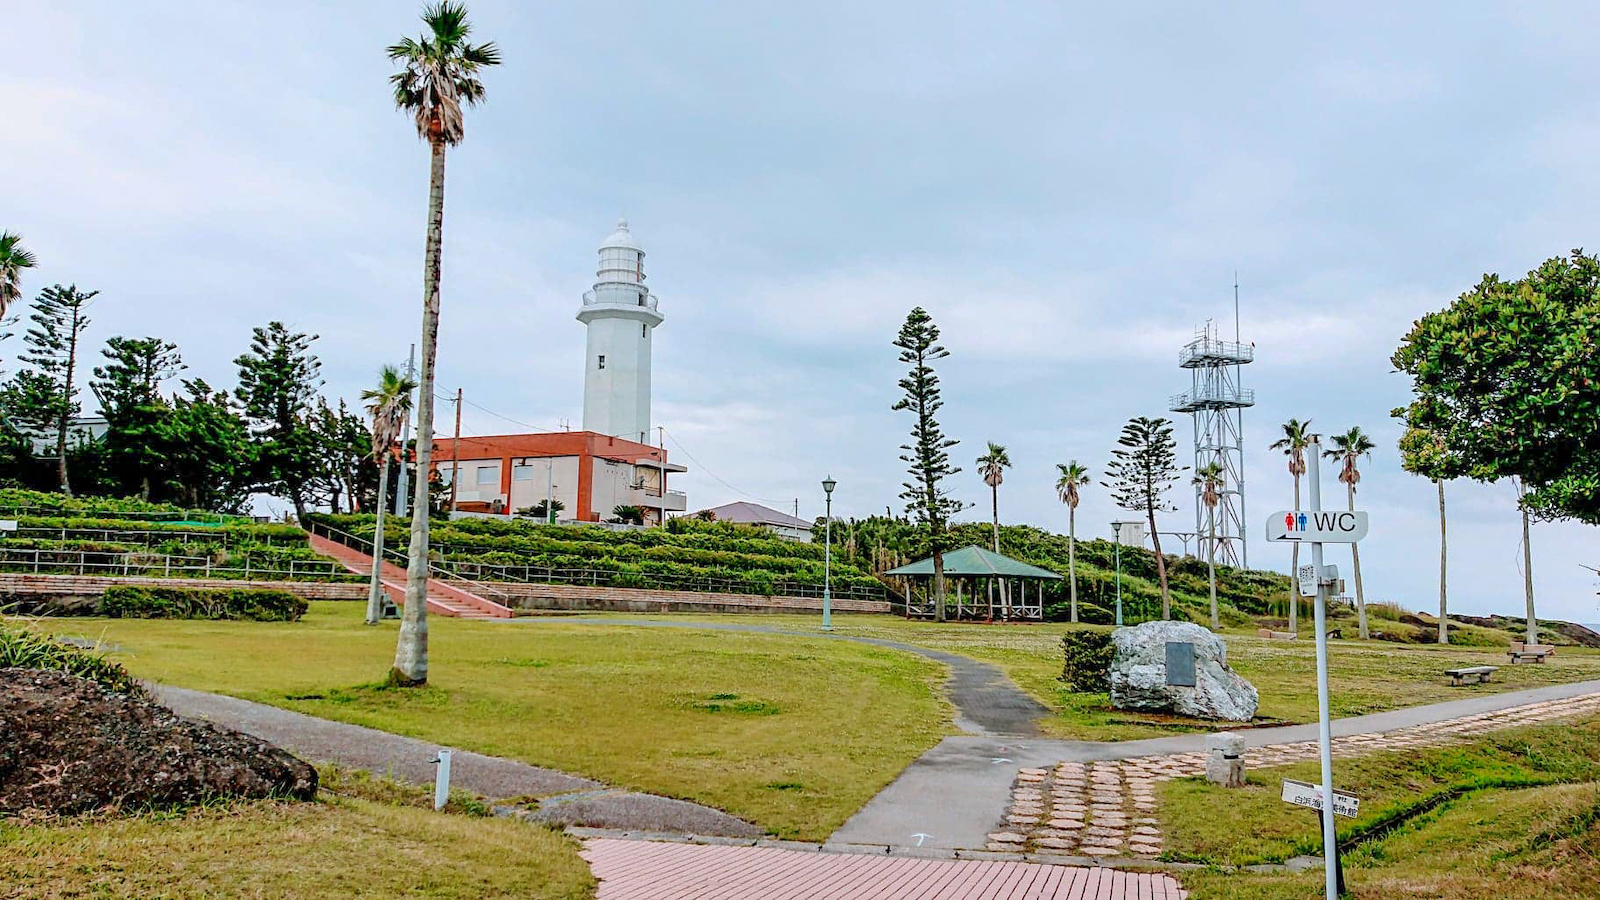 遊歩道と広場に囲まれた野島崎灯台